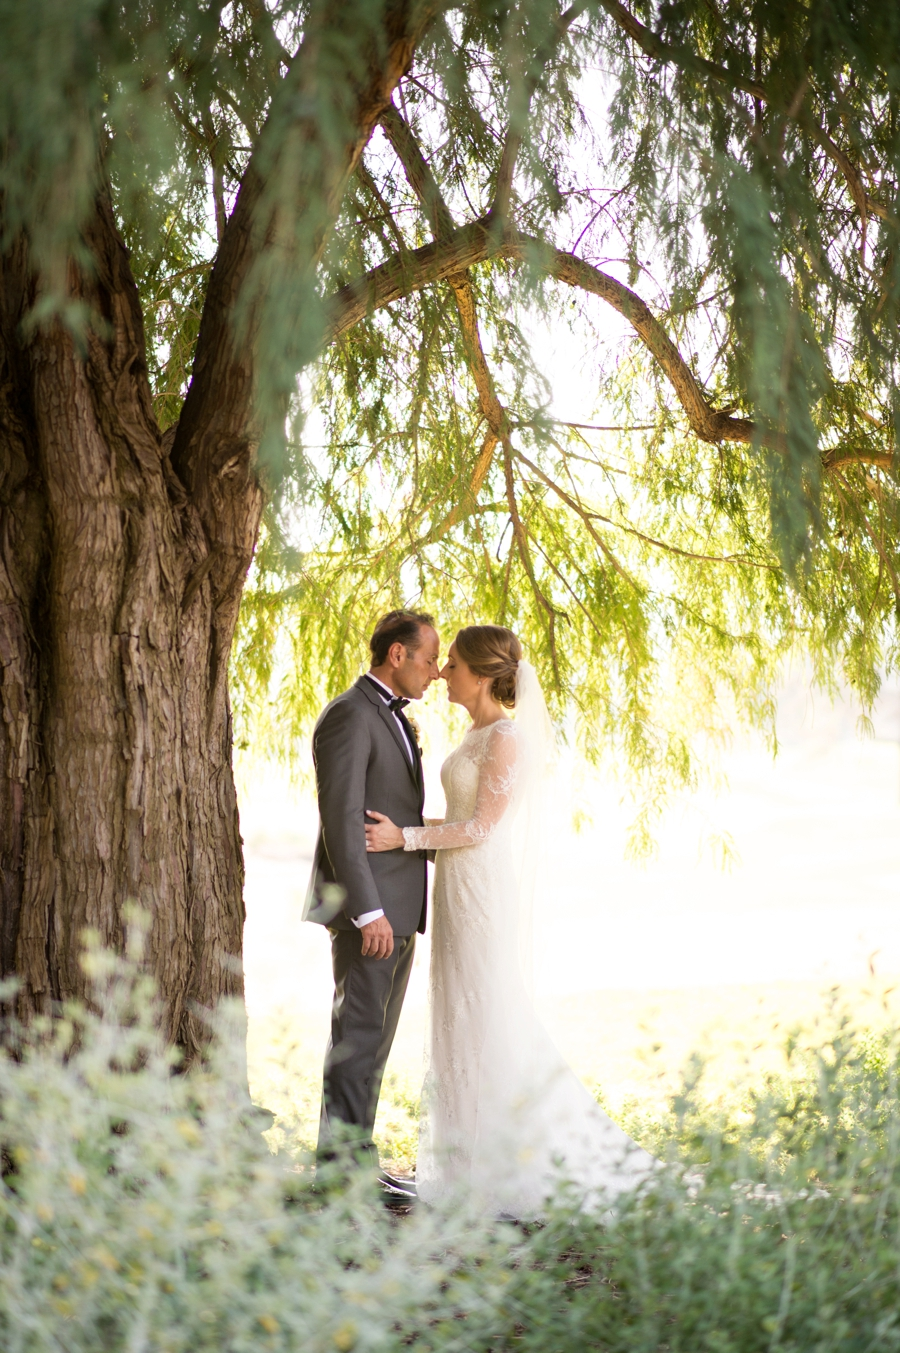 SoCal_Burbank_Hollywood_Wedding_JC_022.jpg